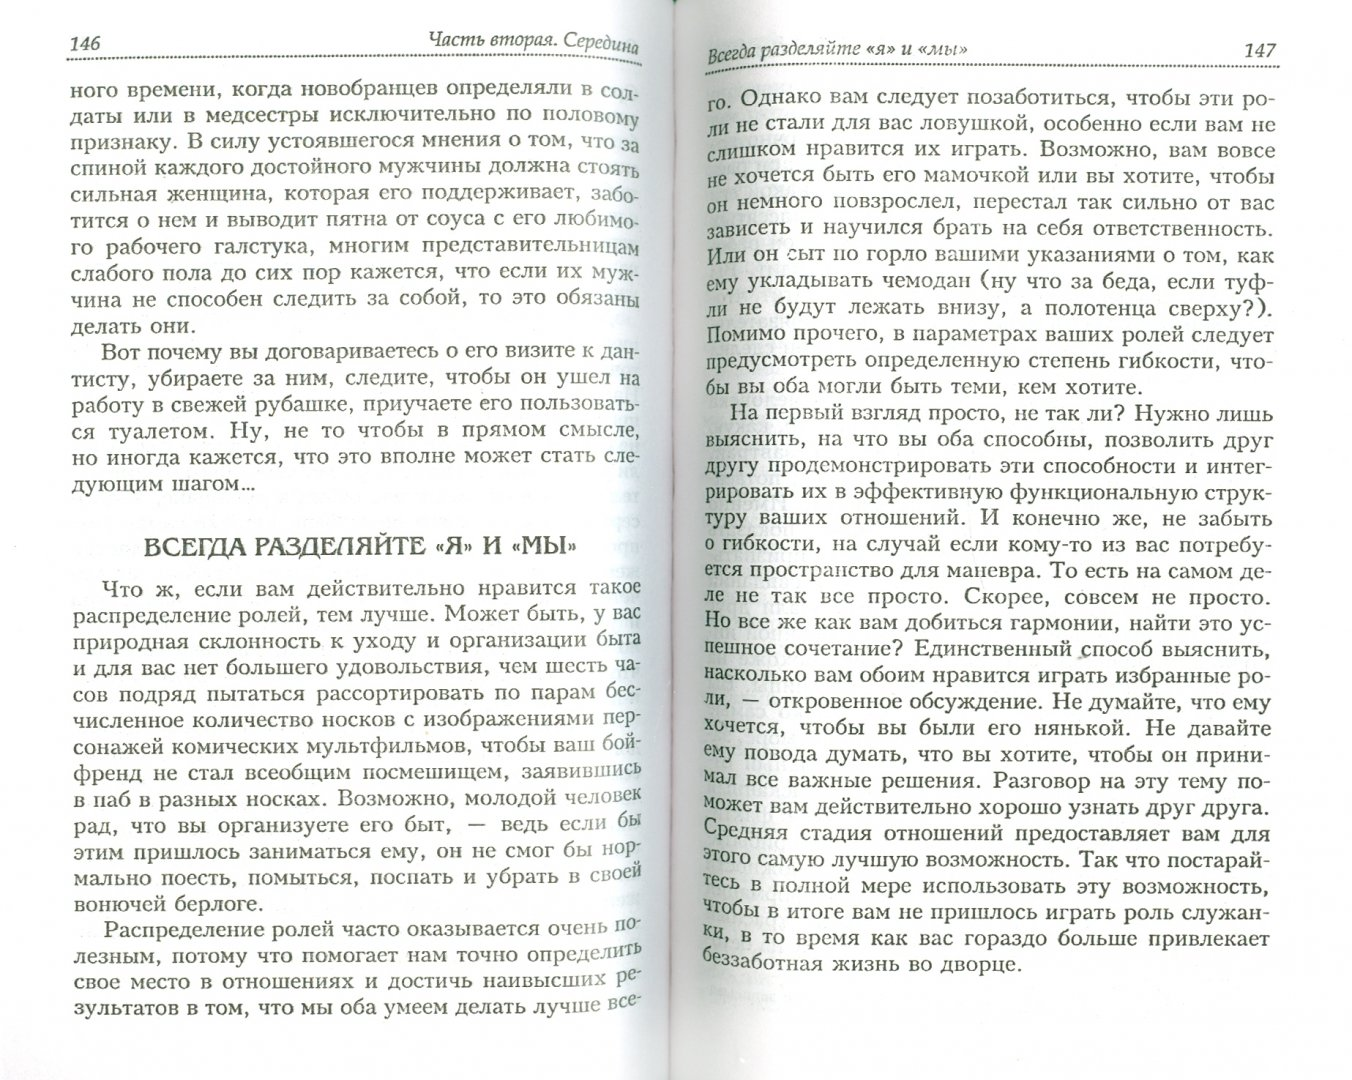 Иллюстрация 1 из 16 для Руководство по обращению с мужчинами - Линда Пападопулос | Лабиринт - книги. Источник: Лабиринт